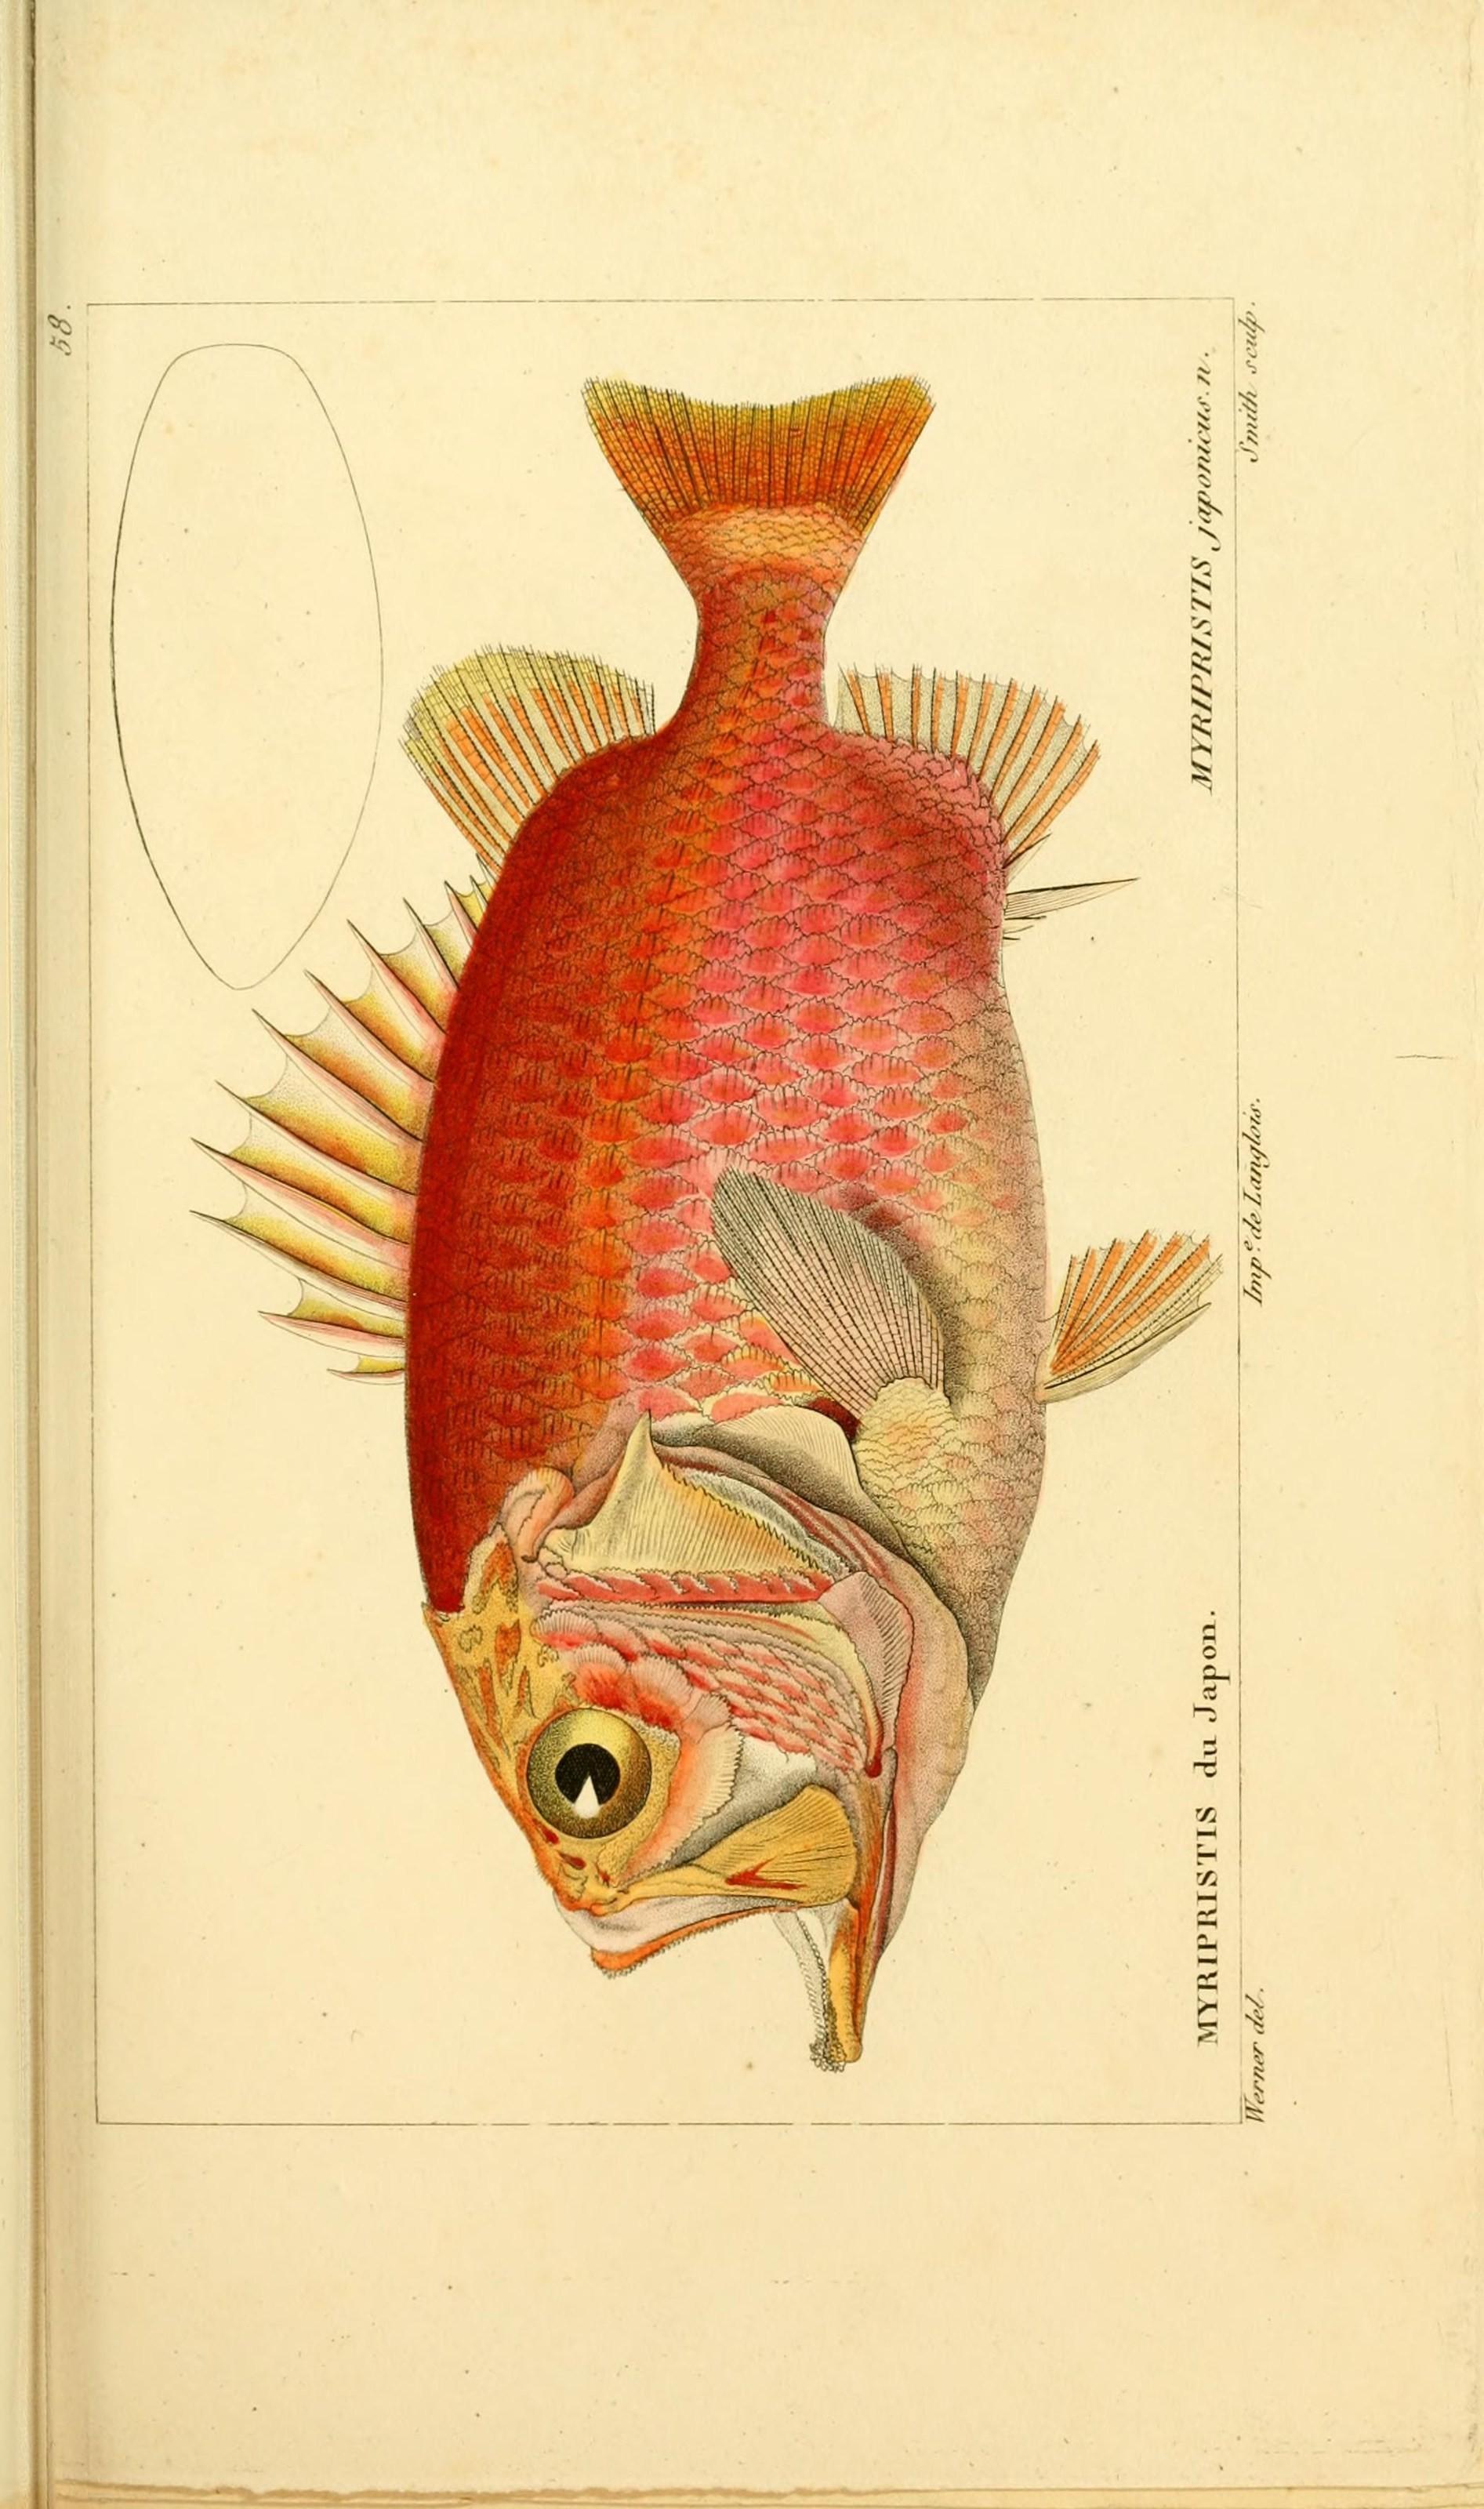 Image of Brocade Perch